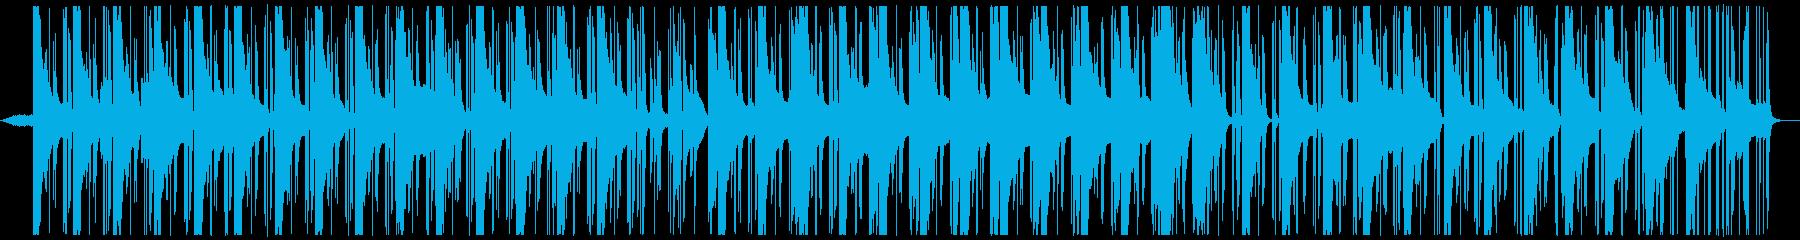 女性コーラスの入ったアンビエントテクノの再生済みの波形